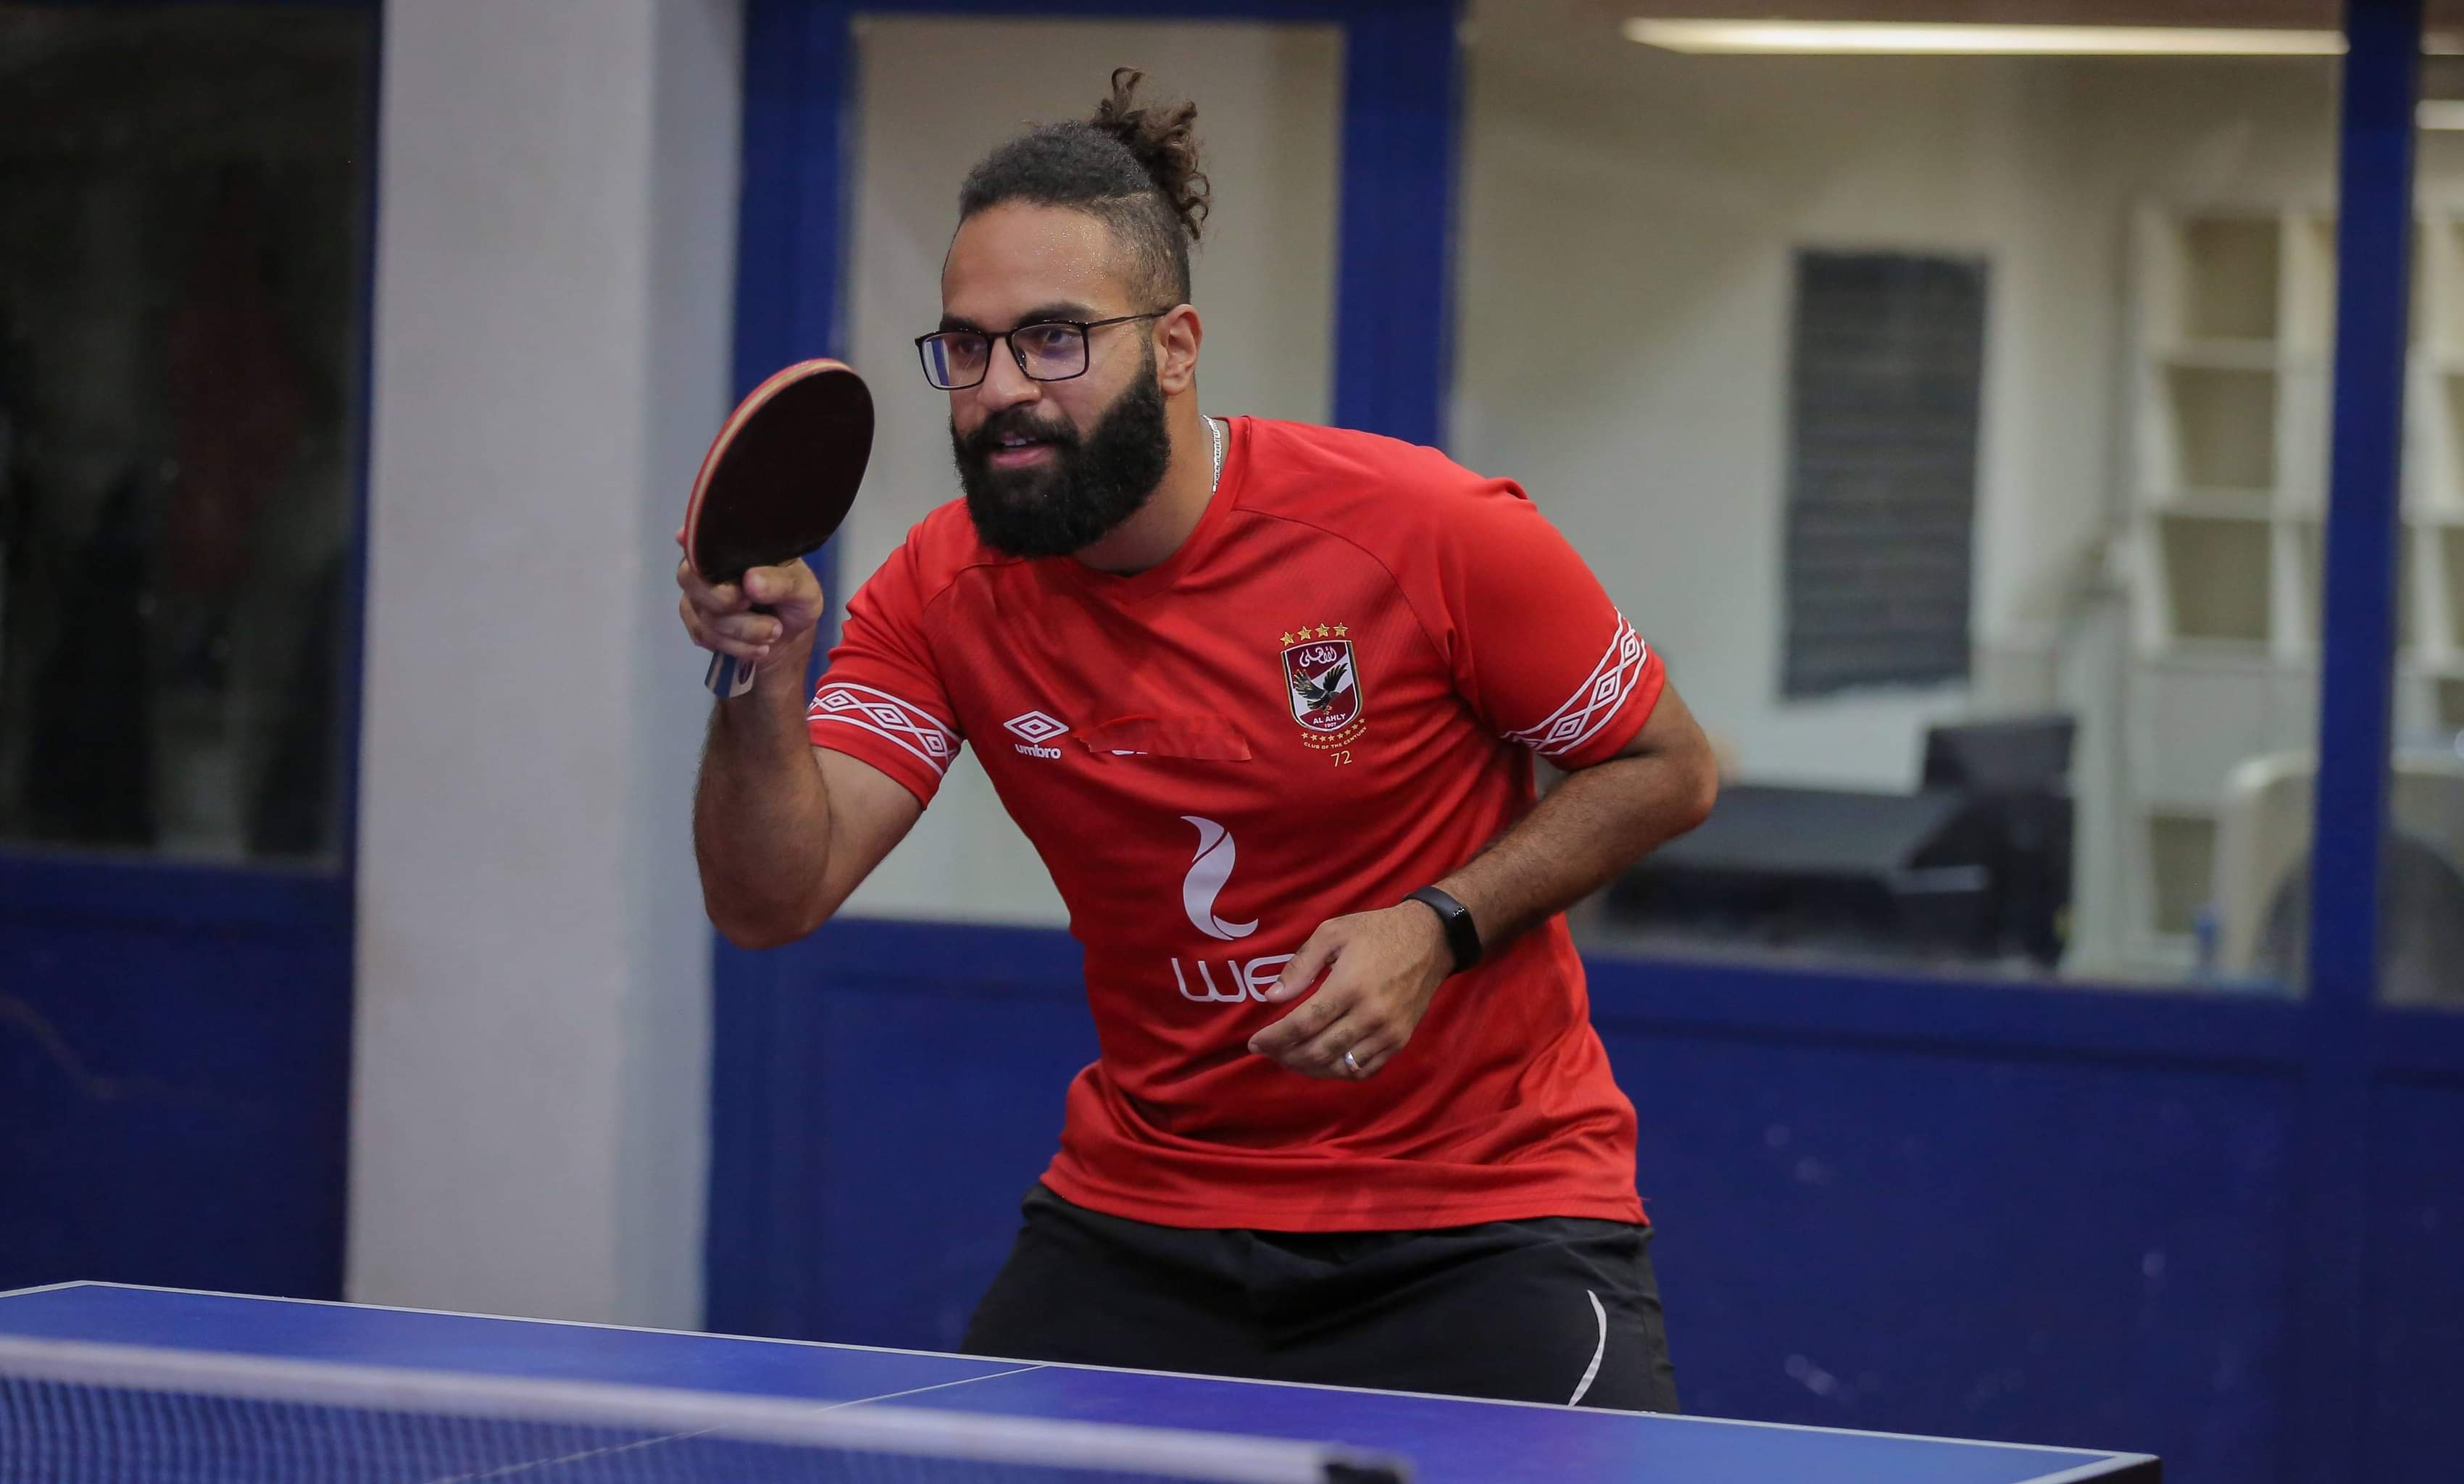 تنس طاولة  محمد شومان يتوج بالبطولة العربية للمنتخبات في منافسات الفردي